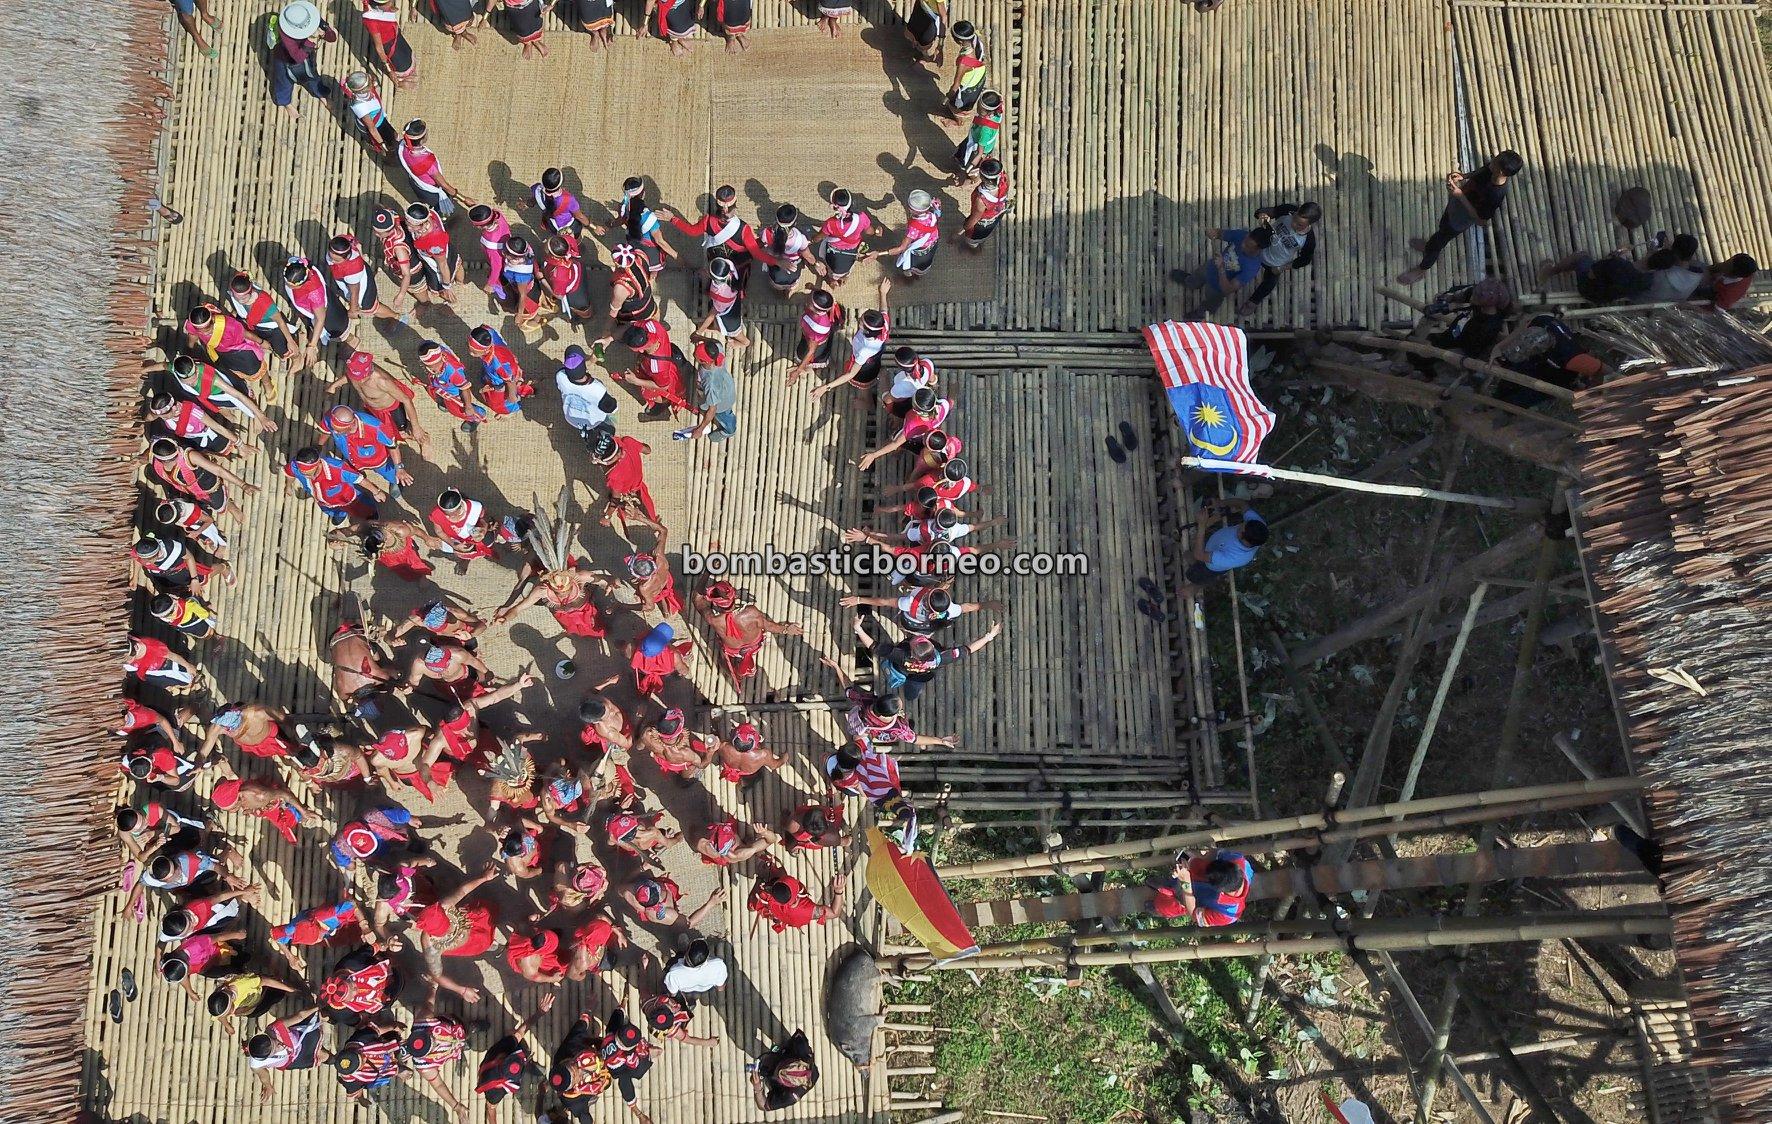 Gawai nyobeng, Sungkung Anep, Dusun Medeng, traditional, destination, culture, Bengkayang, Indonesia, Kalimantan Barat, Dayak Bidayuh, Ethnic, tribe, village, Obyek wisata, Tourism, Trans Borneo